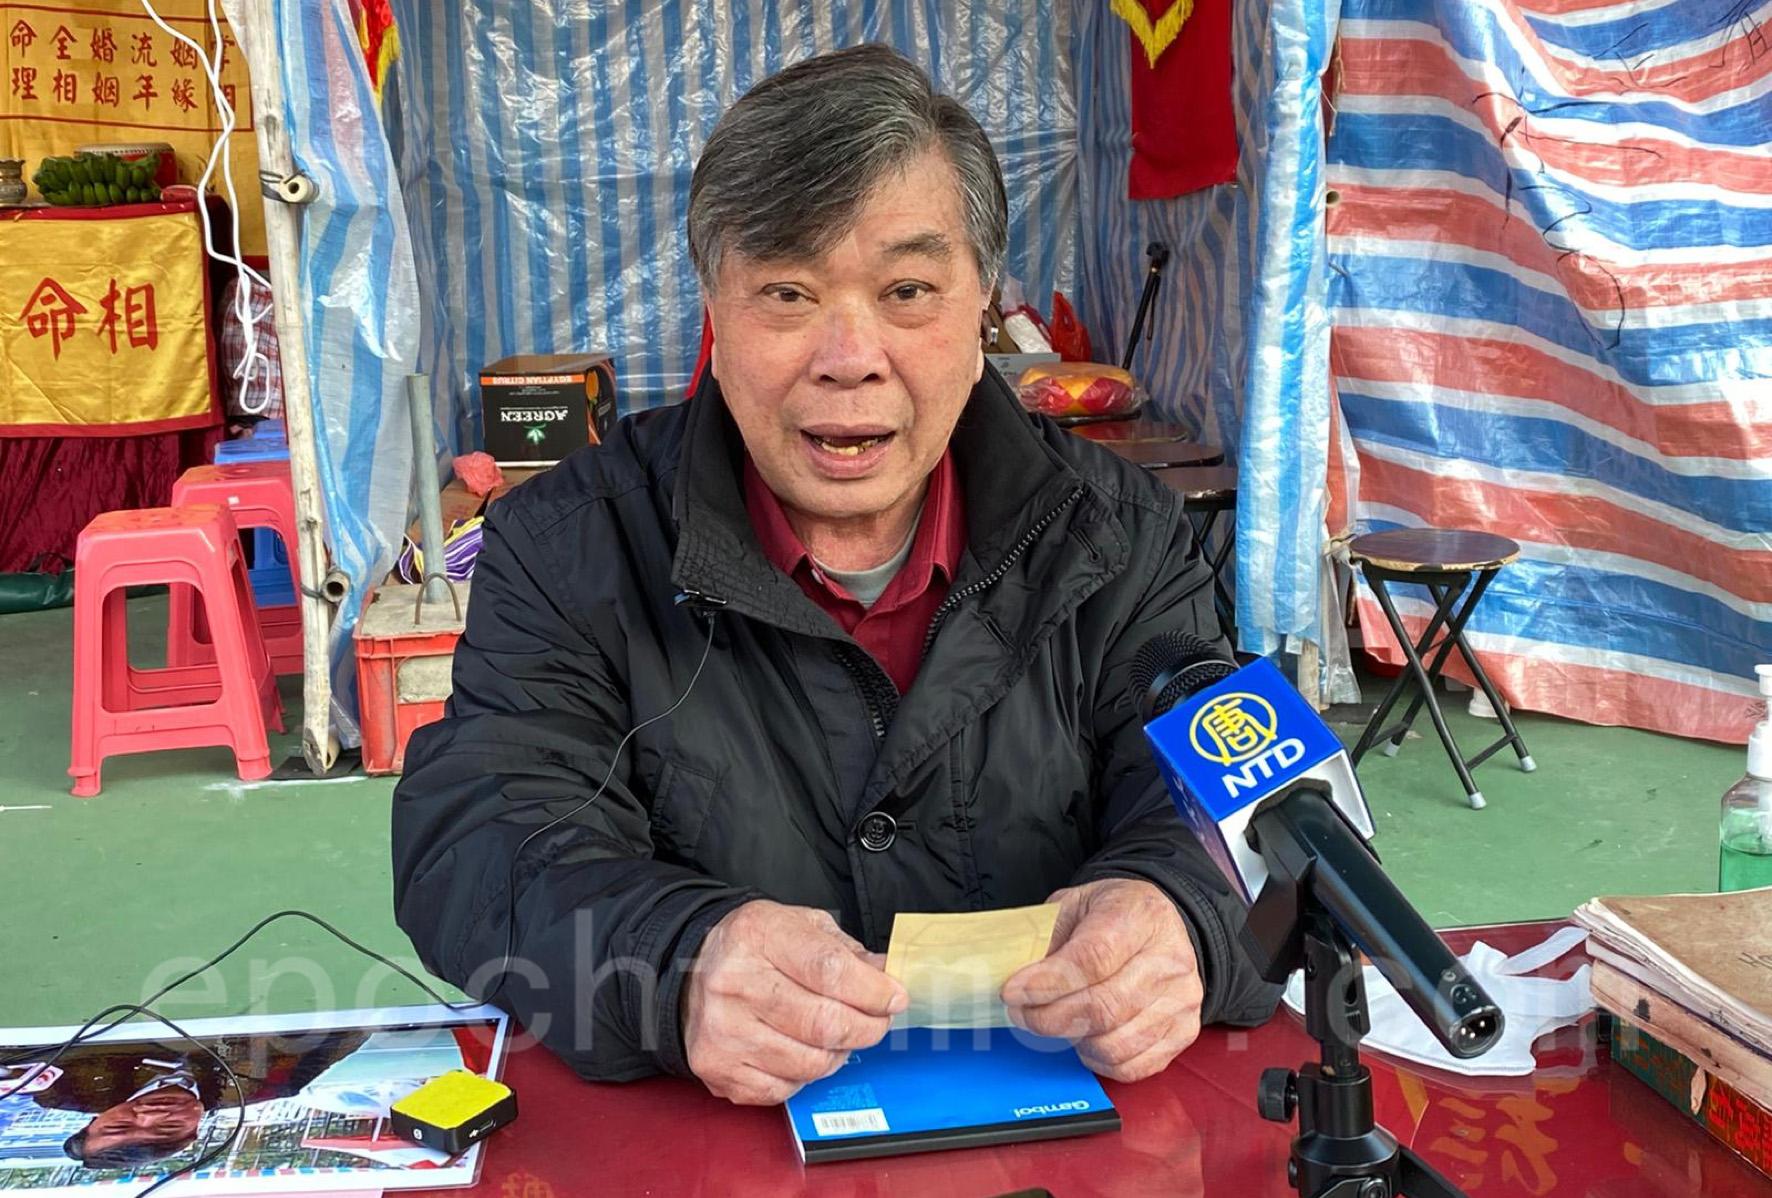 解籤師傅陳天恩則認為「瘟疫剋星」車公警示疫情會再爆,呼籲政府要封關28天。(梁珍/大紀元)